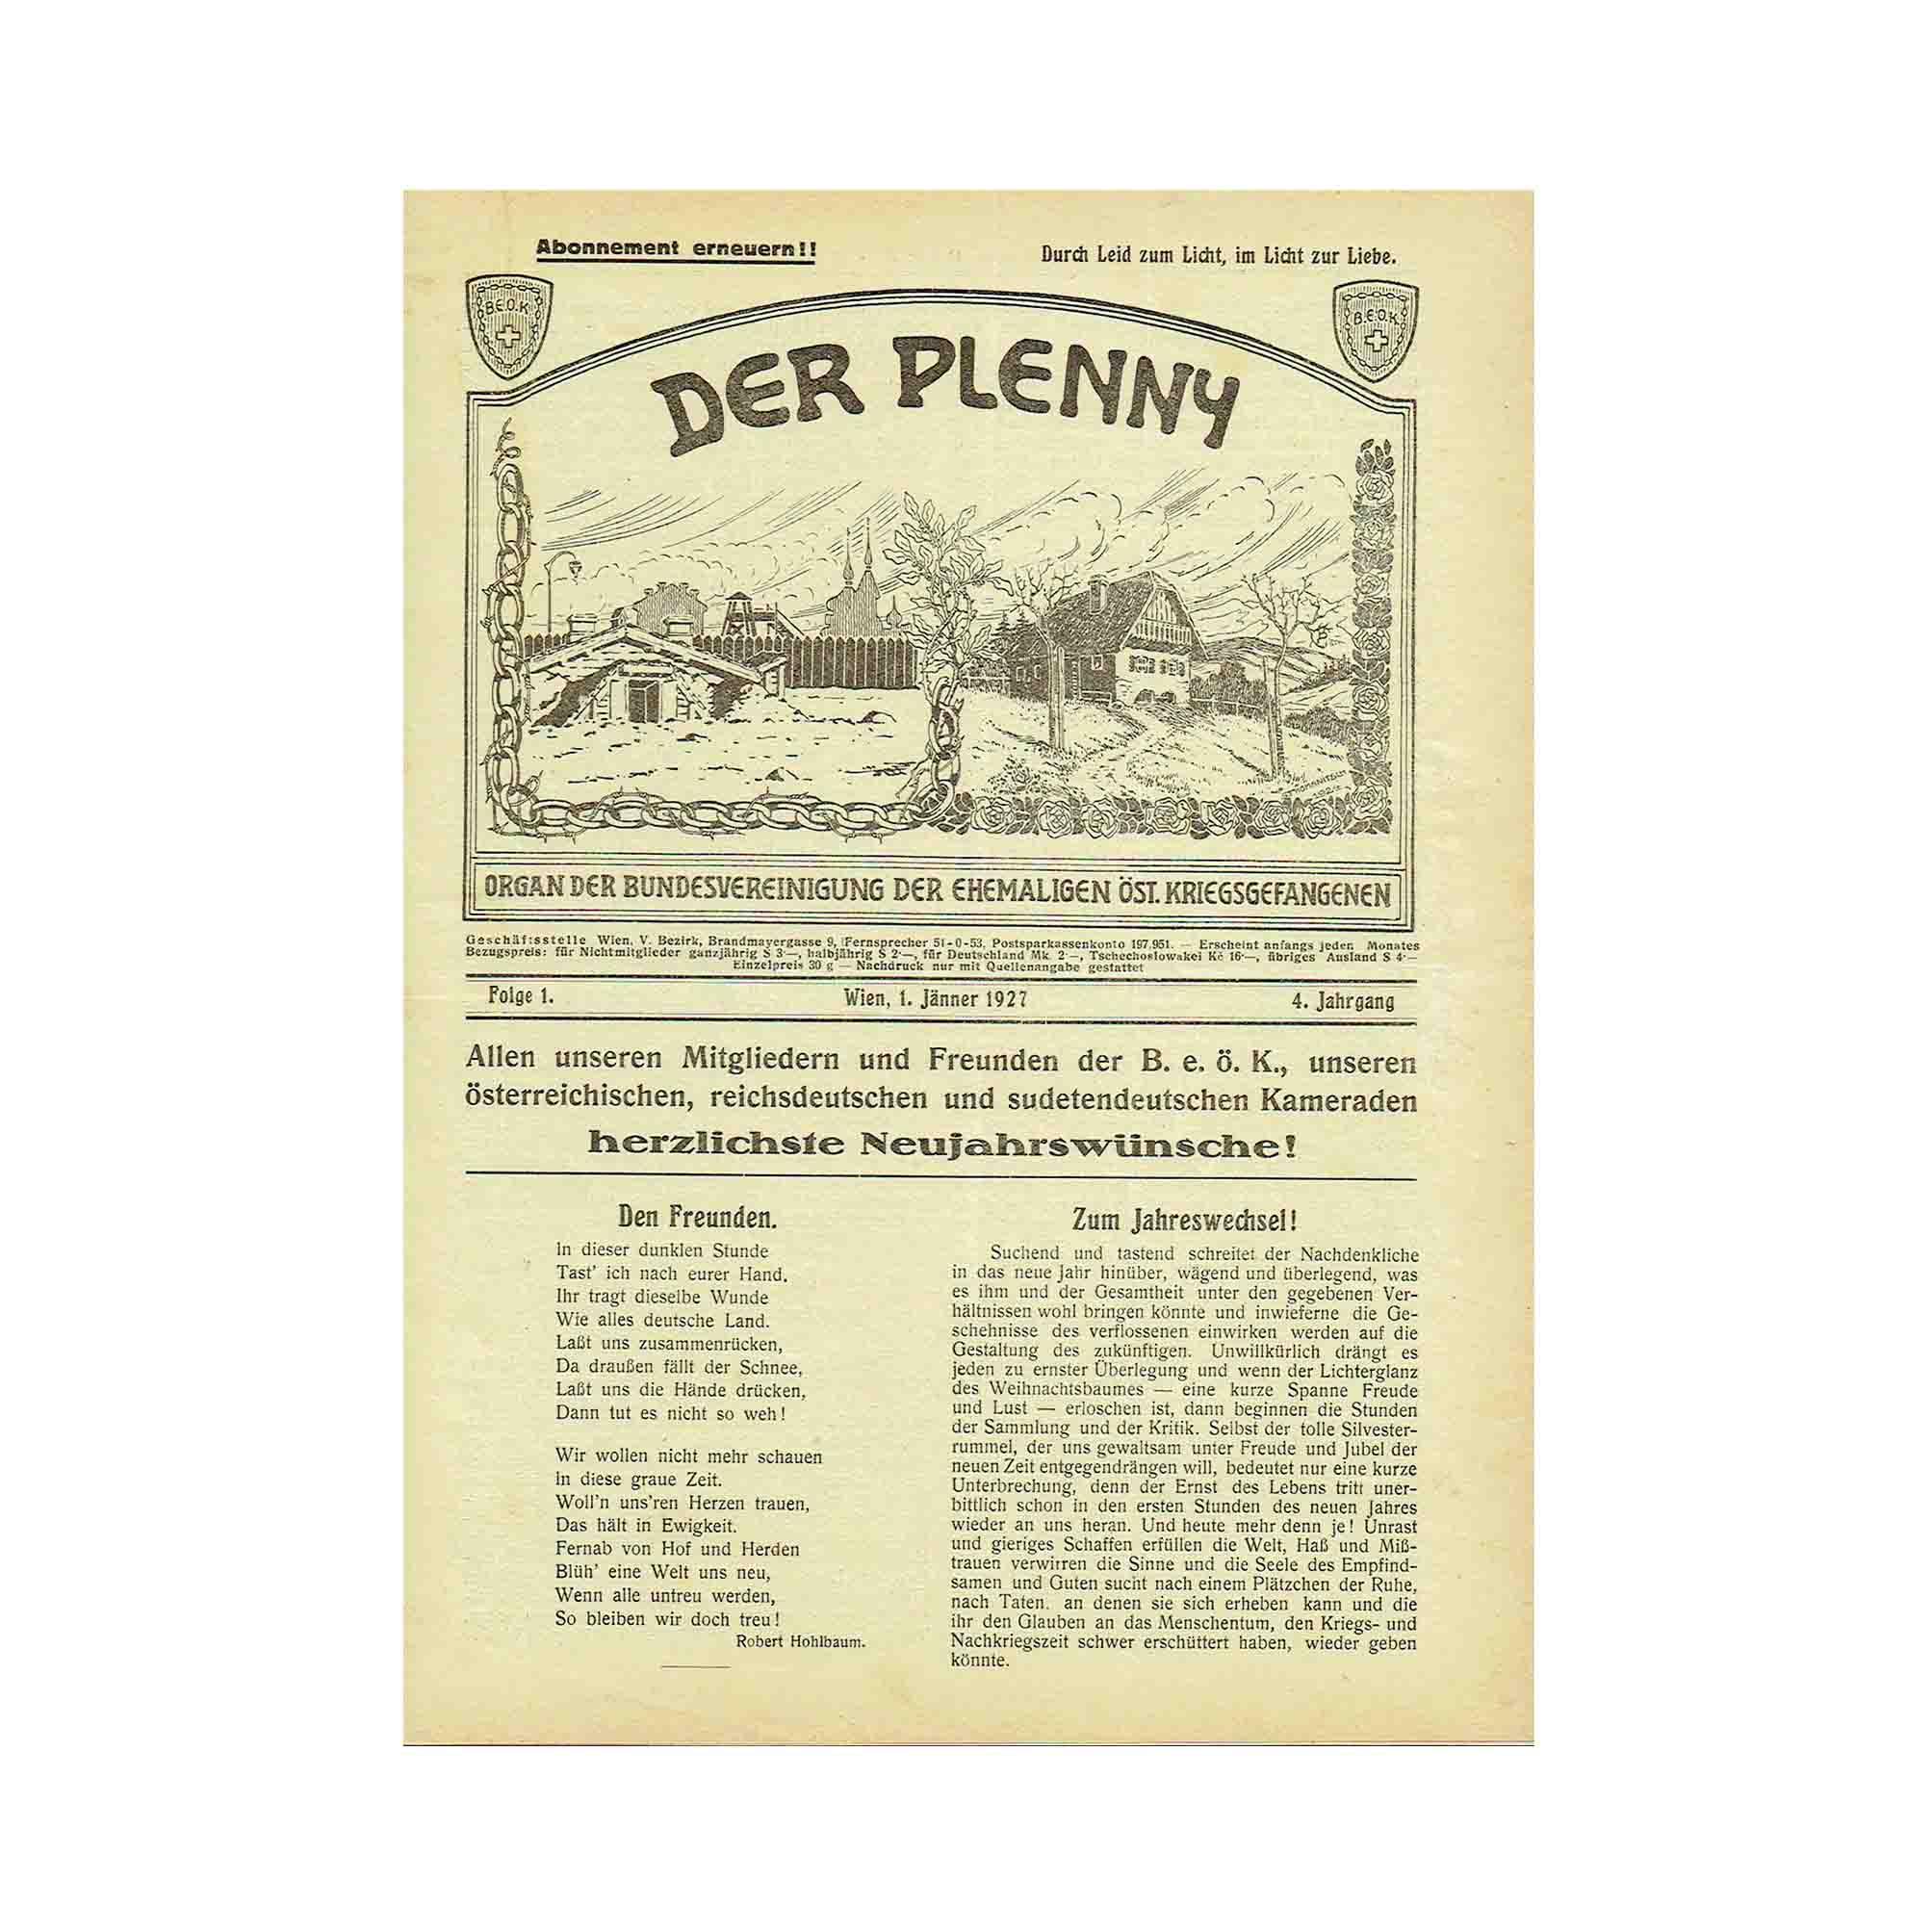 5791-Plenny-Zeitschrift-1927-Folge-1-Titelblatt-N.jpeg